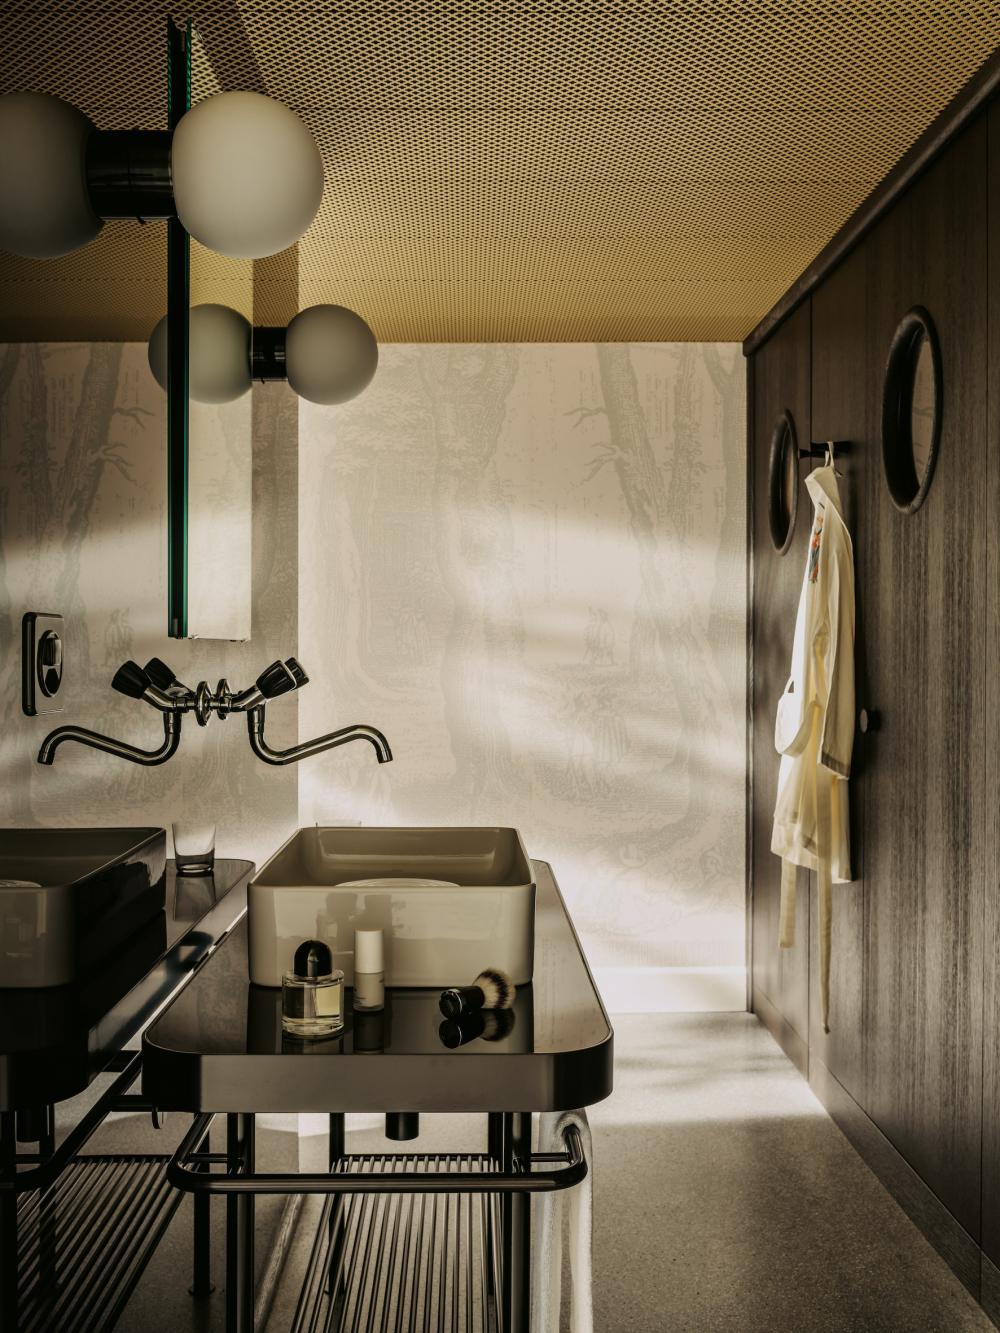 Detailverliebter Waschbereich: Das Lavabo hat eine Insel, in die Toilette und die Dusche blickt  man durch ein rundes Fenster. Kosmetikprodukte von  Soeder stehen zur Benutzung bereit.